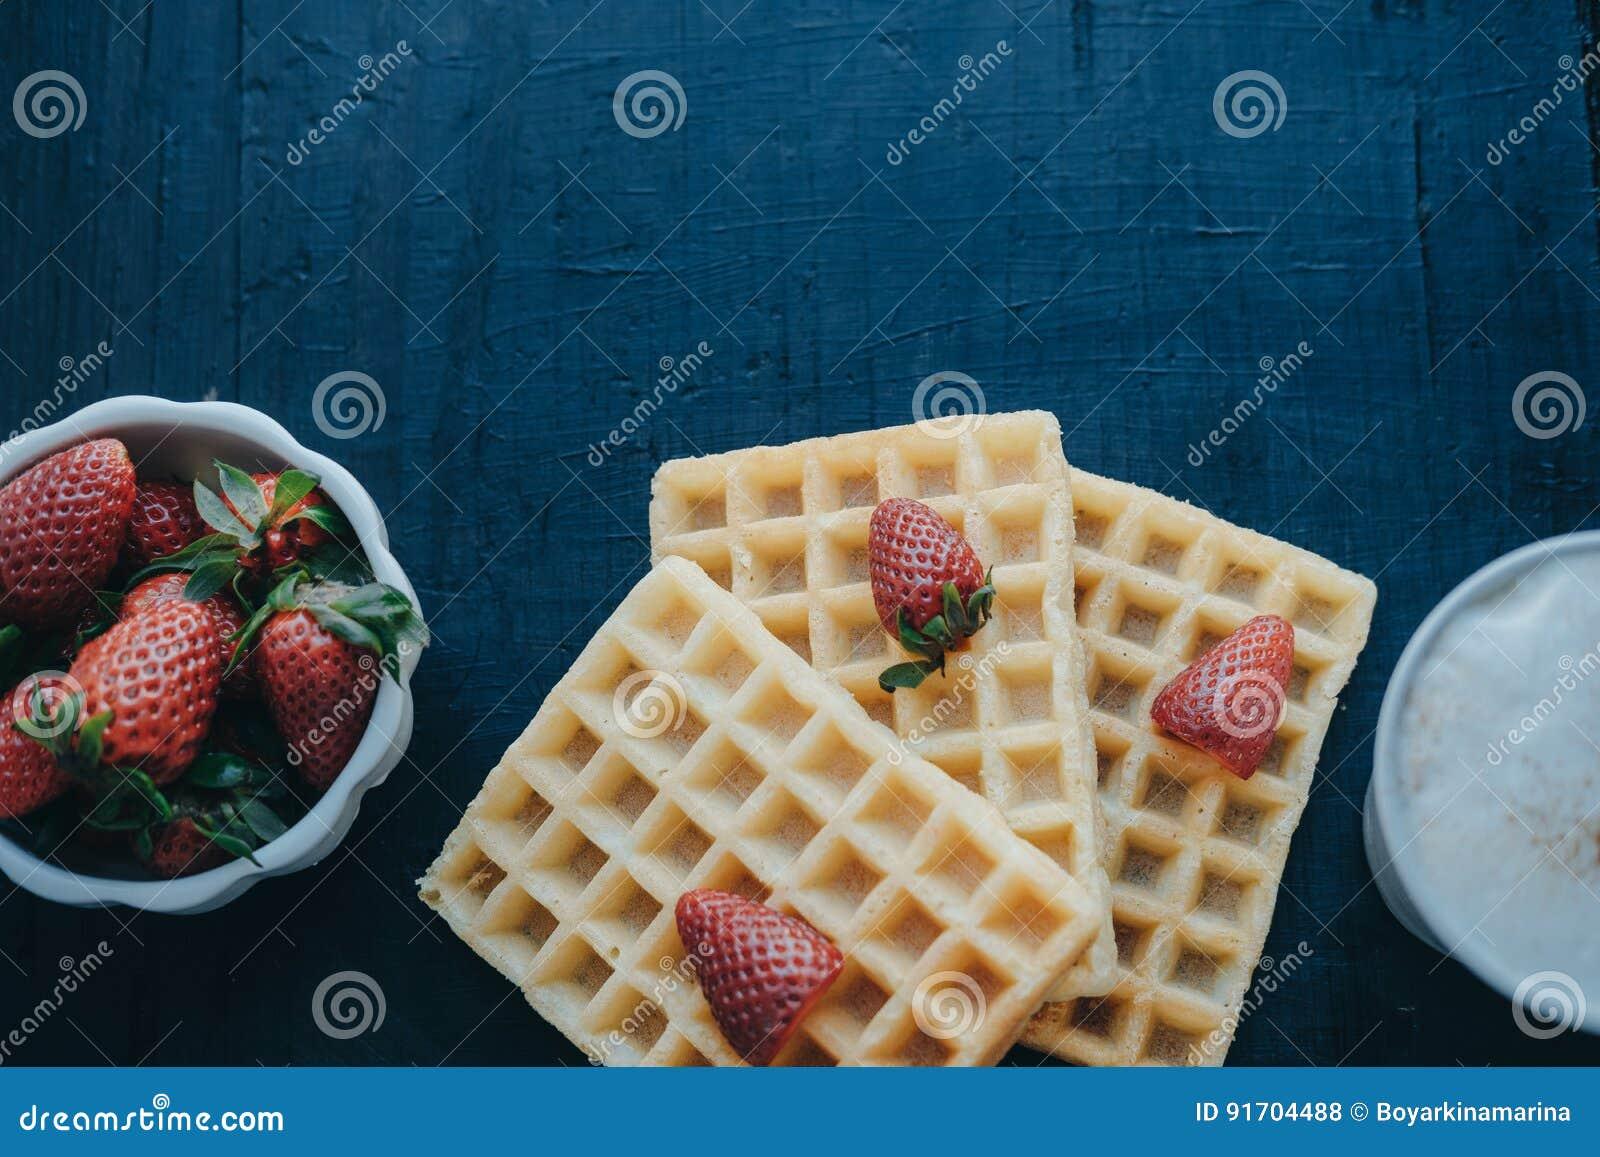 Belgische Waffeln, Erdbeeren und Kaffee im weißen Becher Raum für